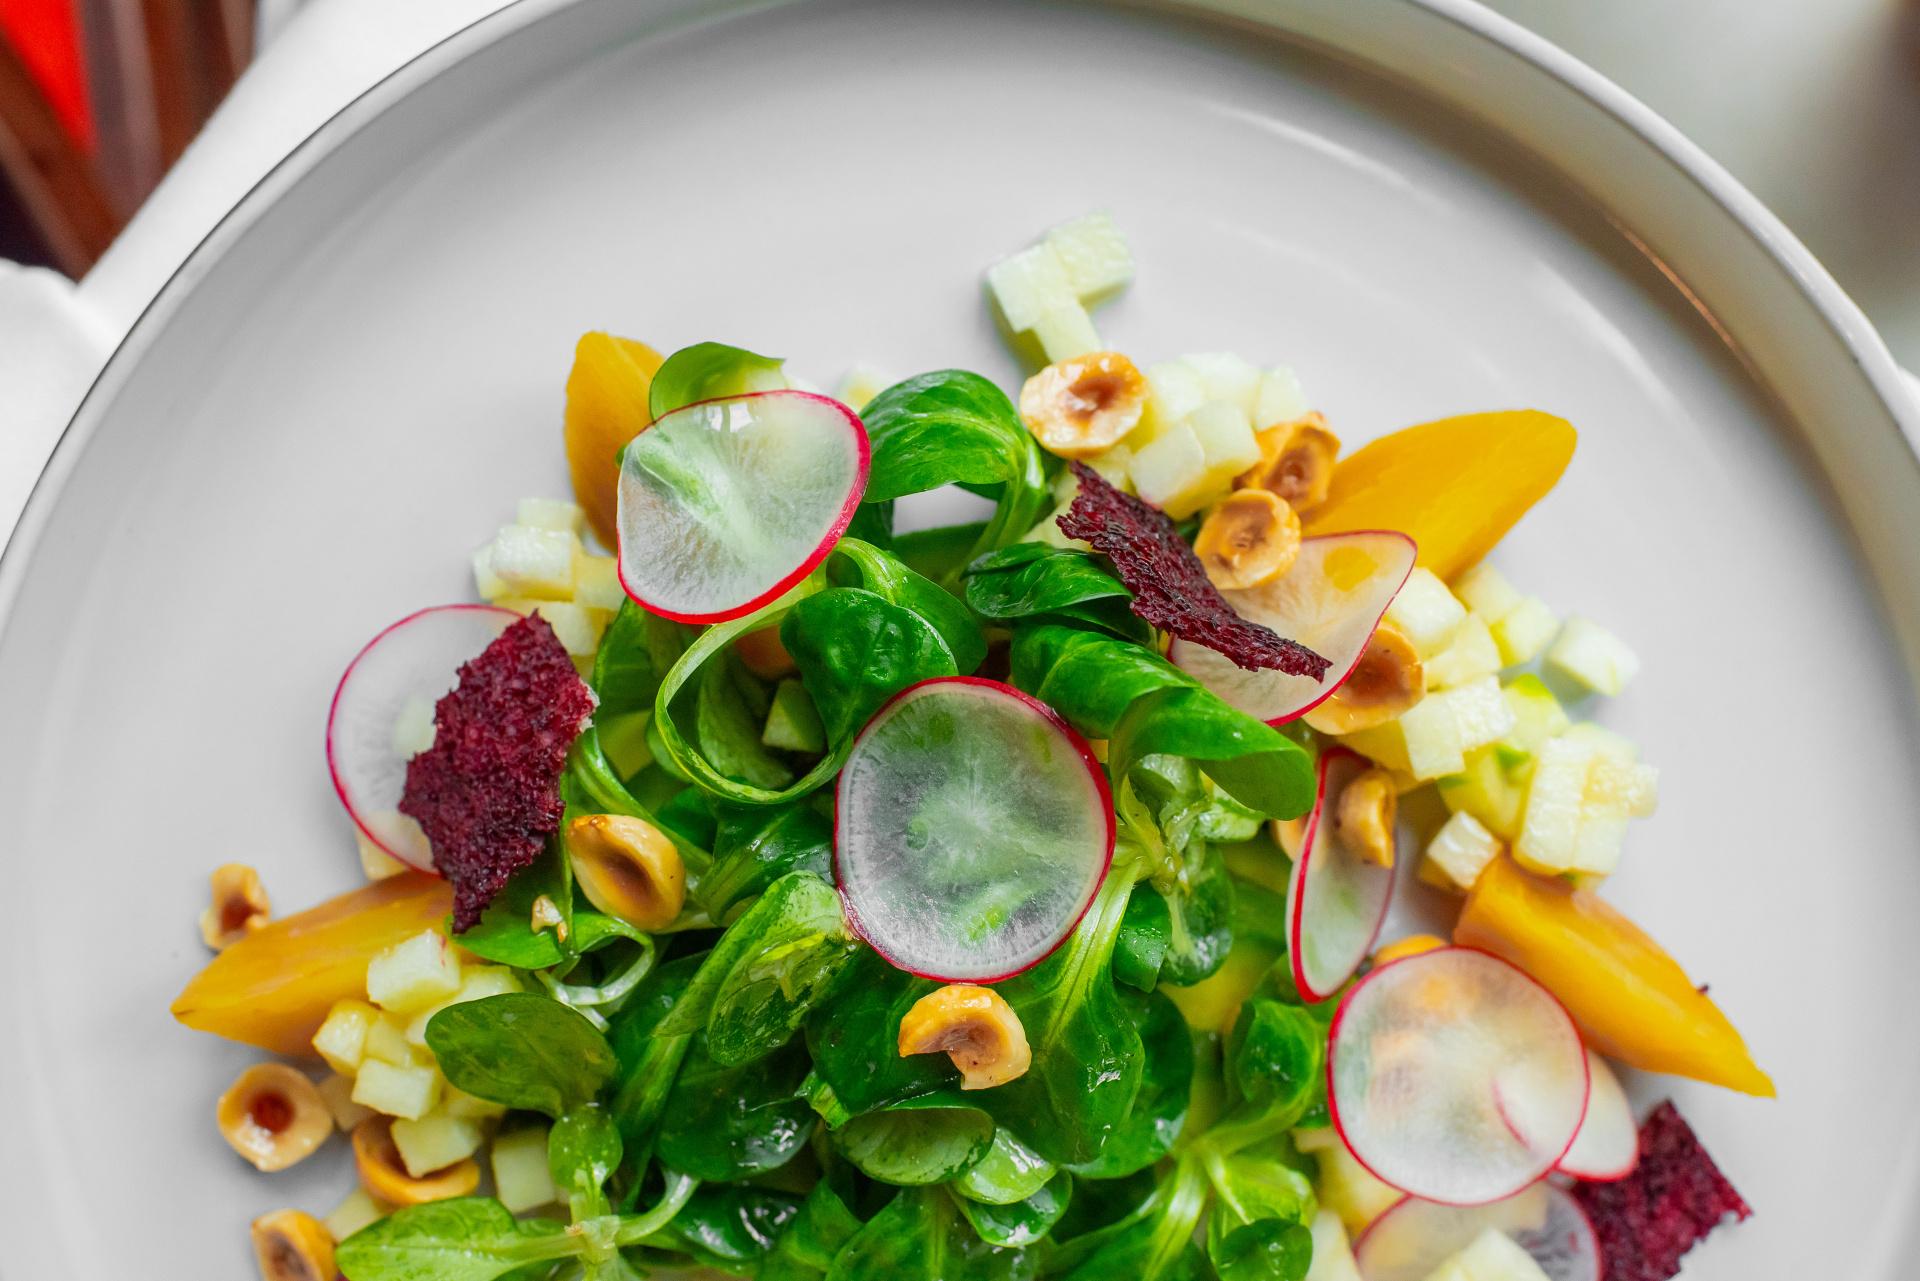 Salát z avokáda, žlutá řepa, ředkviček, lískové ořechy, Granny Smith jablko, polníček a vinaigrette z fíků